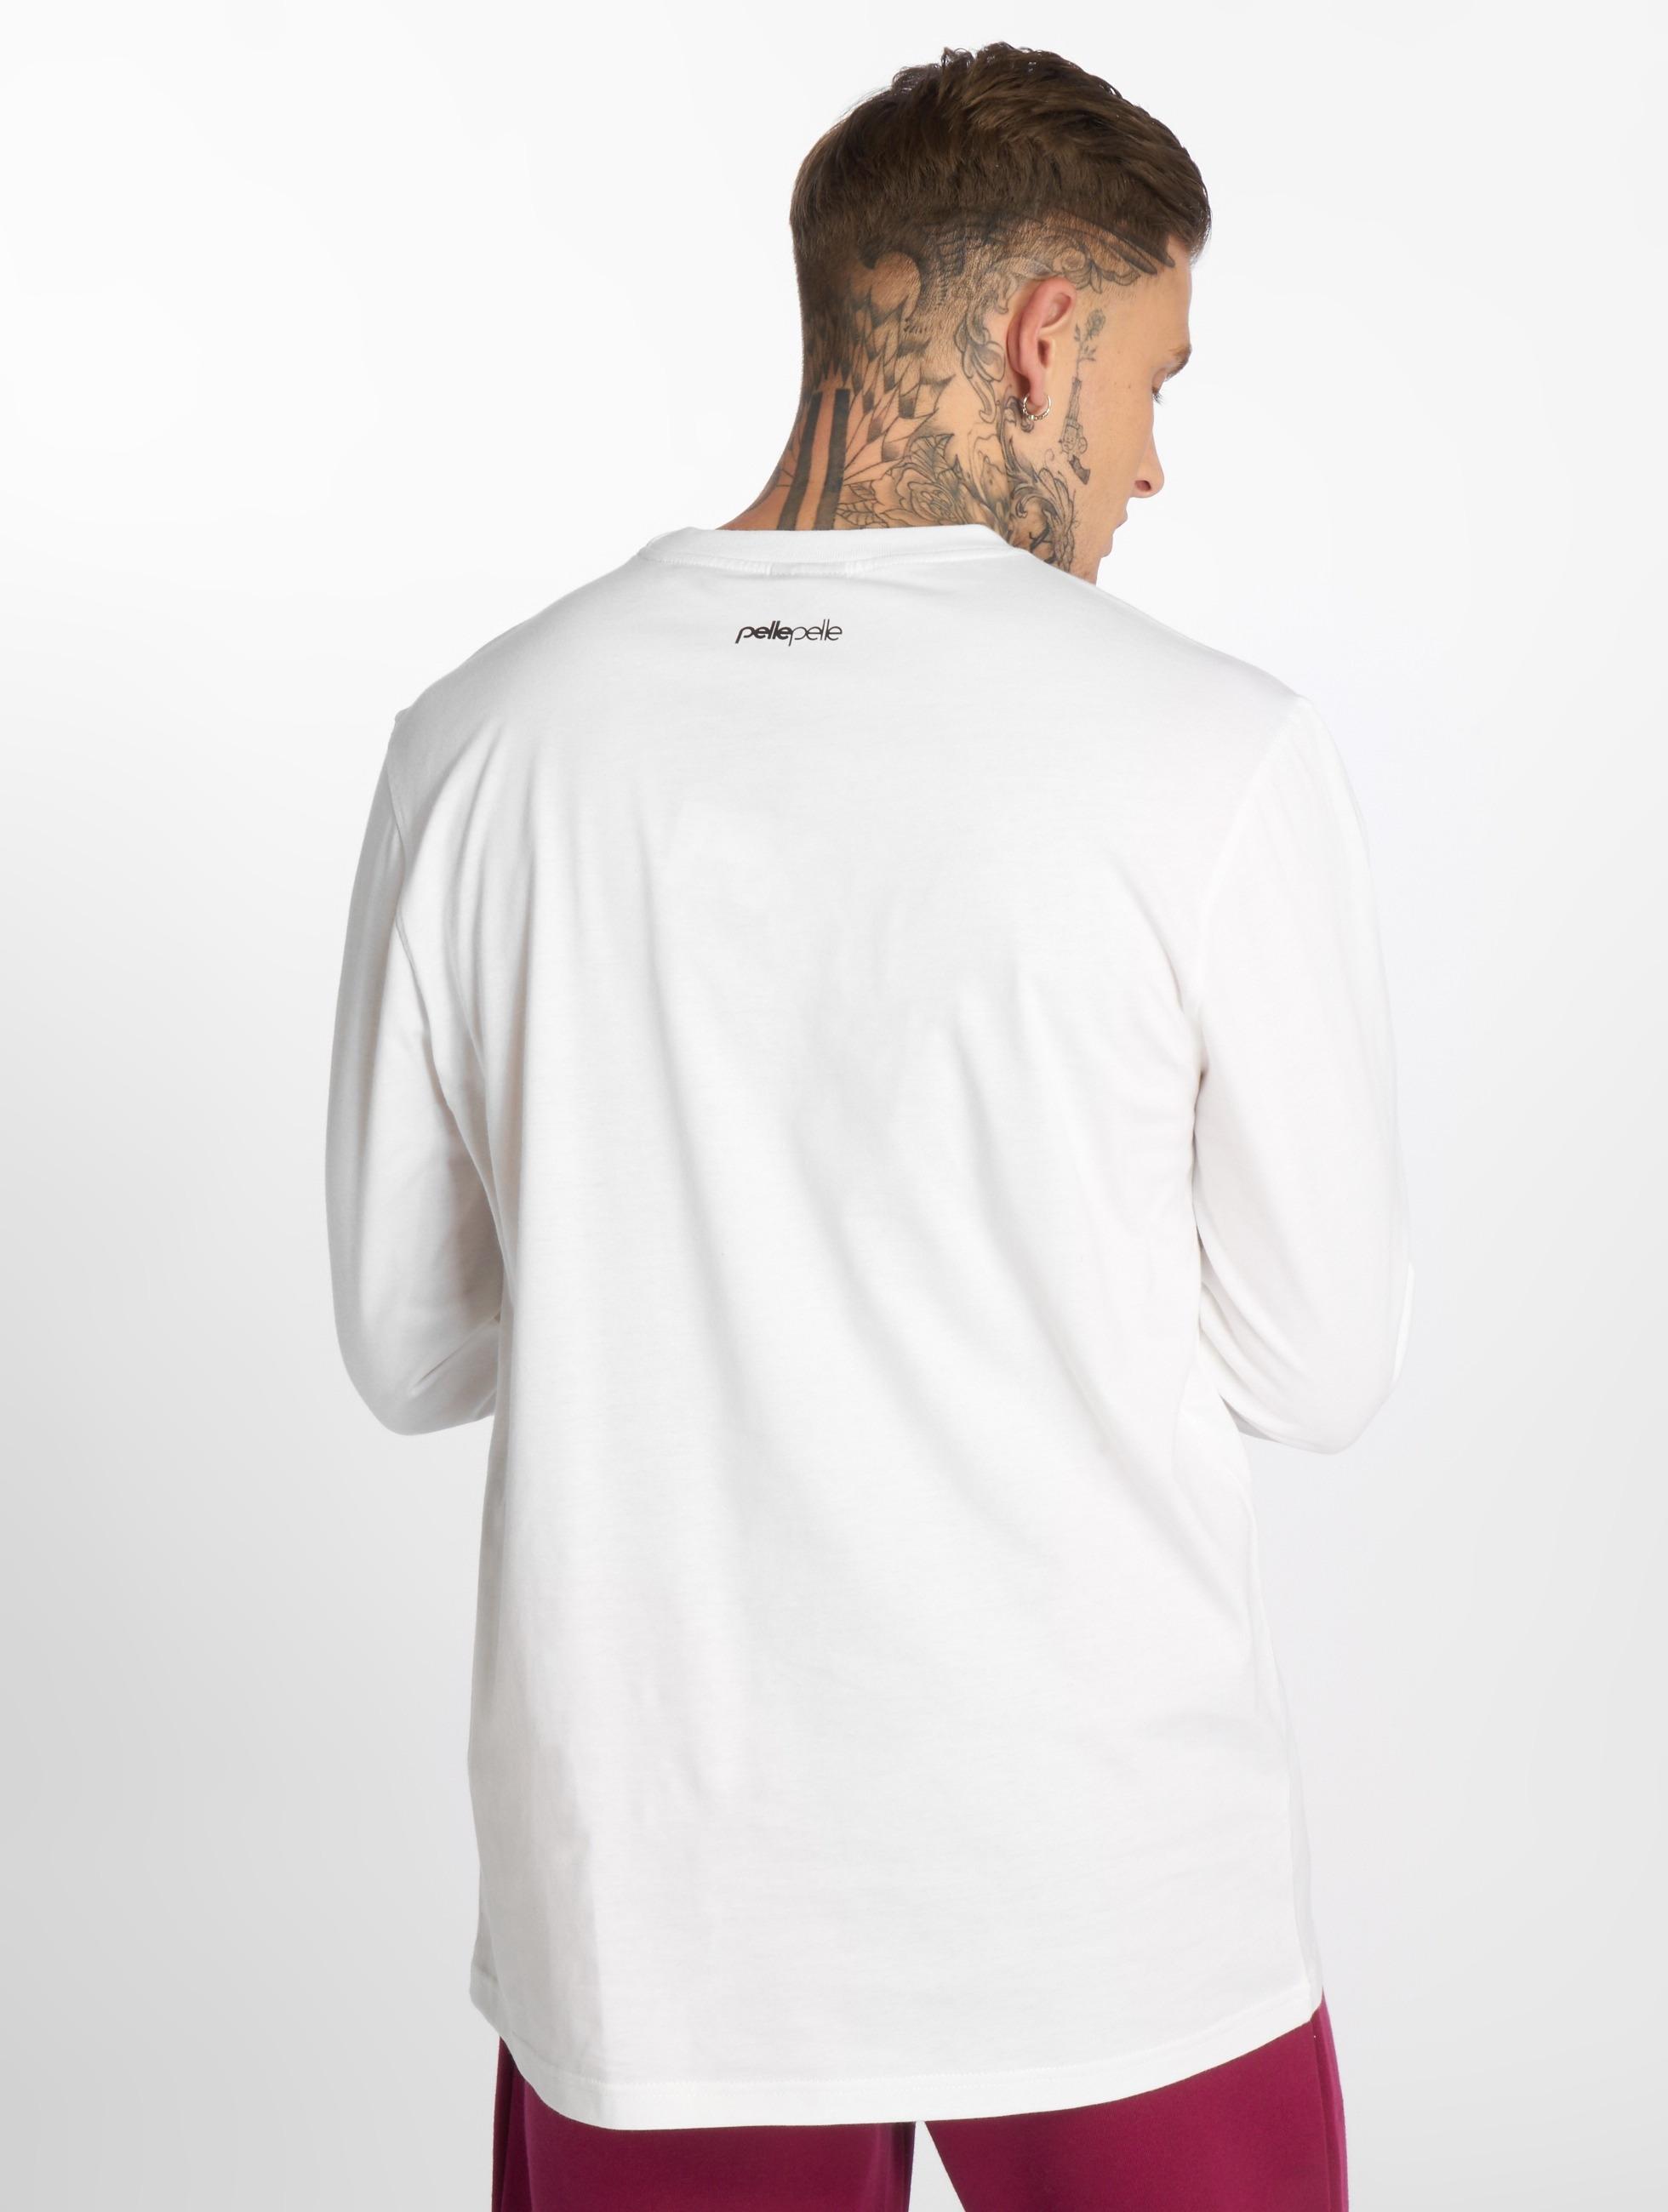 Longues Homme 2 Back The Manches shirt Hauts Basics T Pelle wqxdaBXB